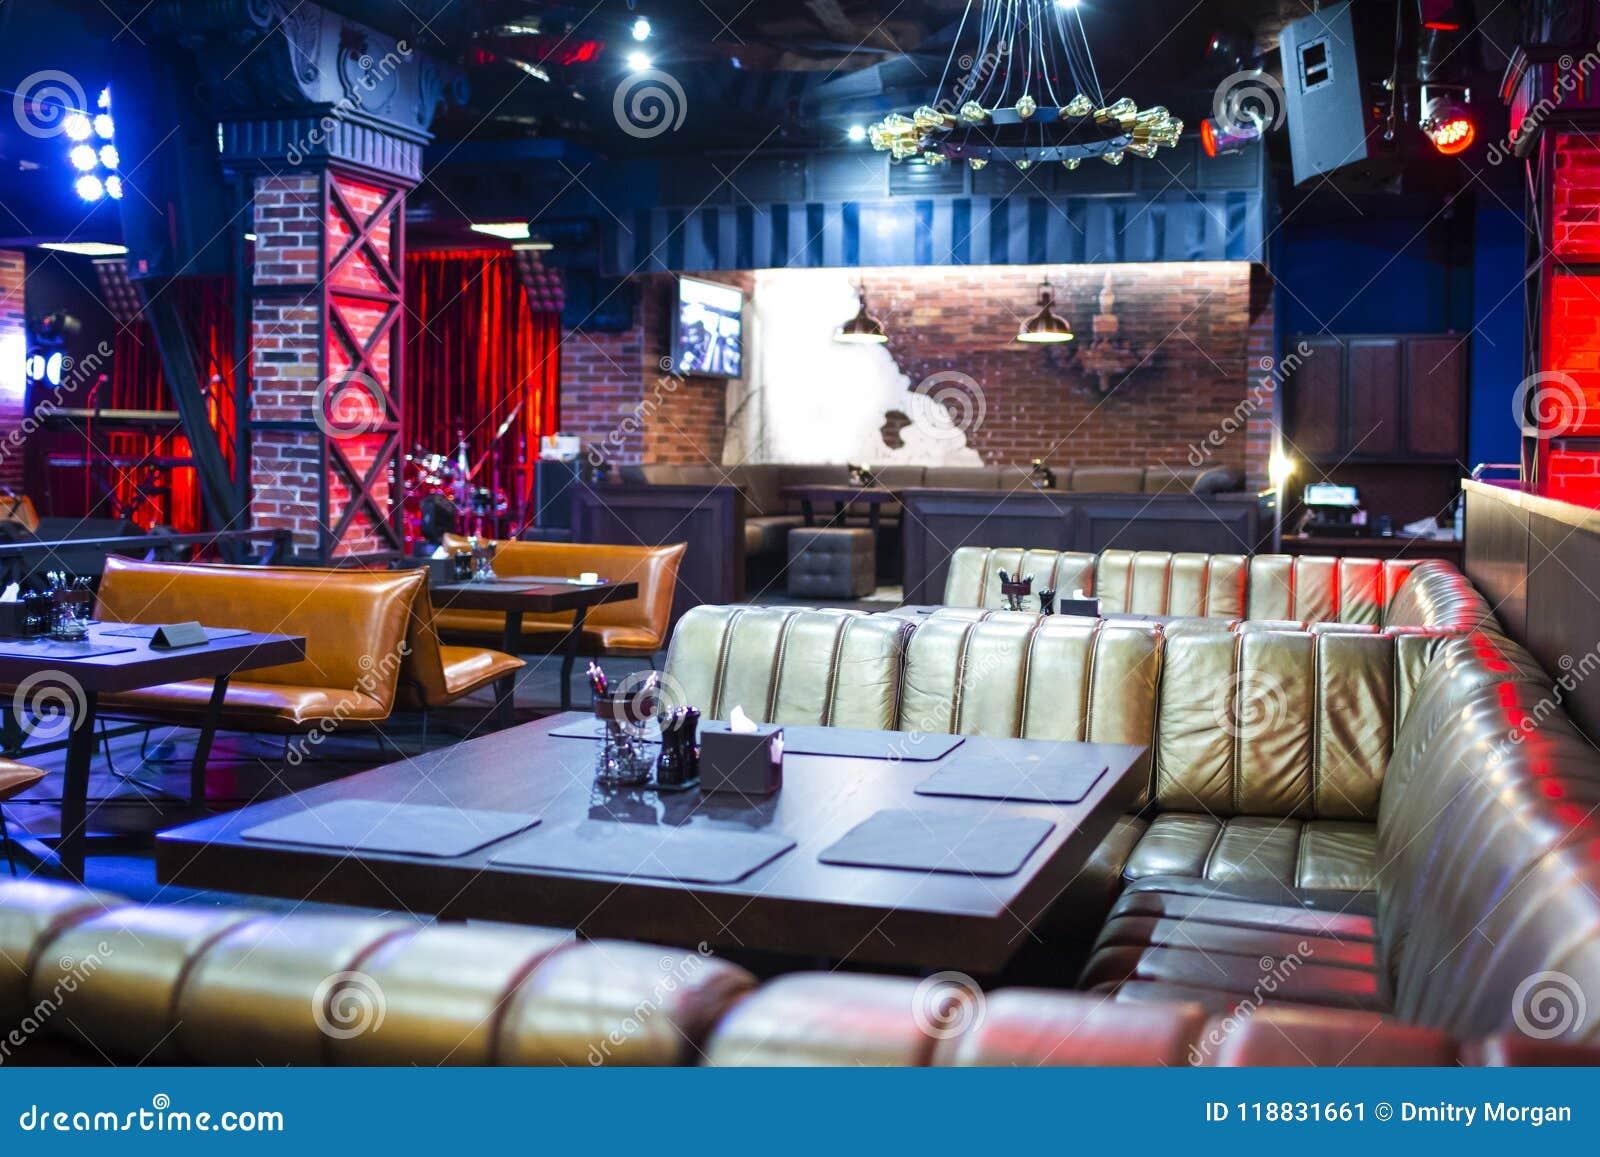 Интерьер современного ночного клуба с освещением и ядровым оборудованием